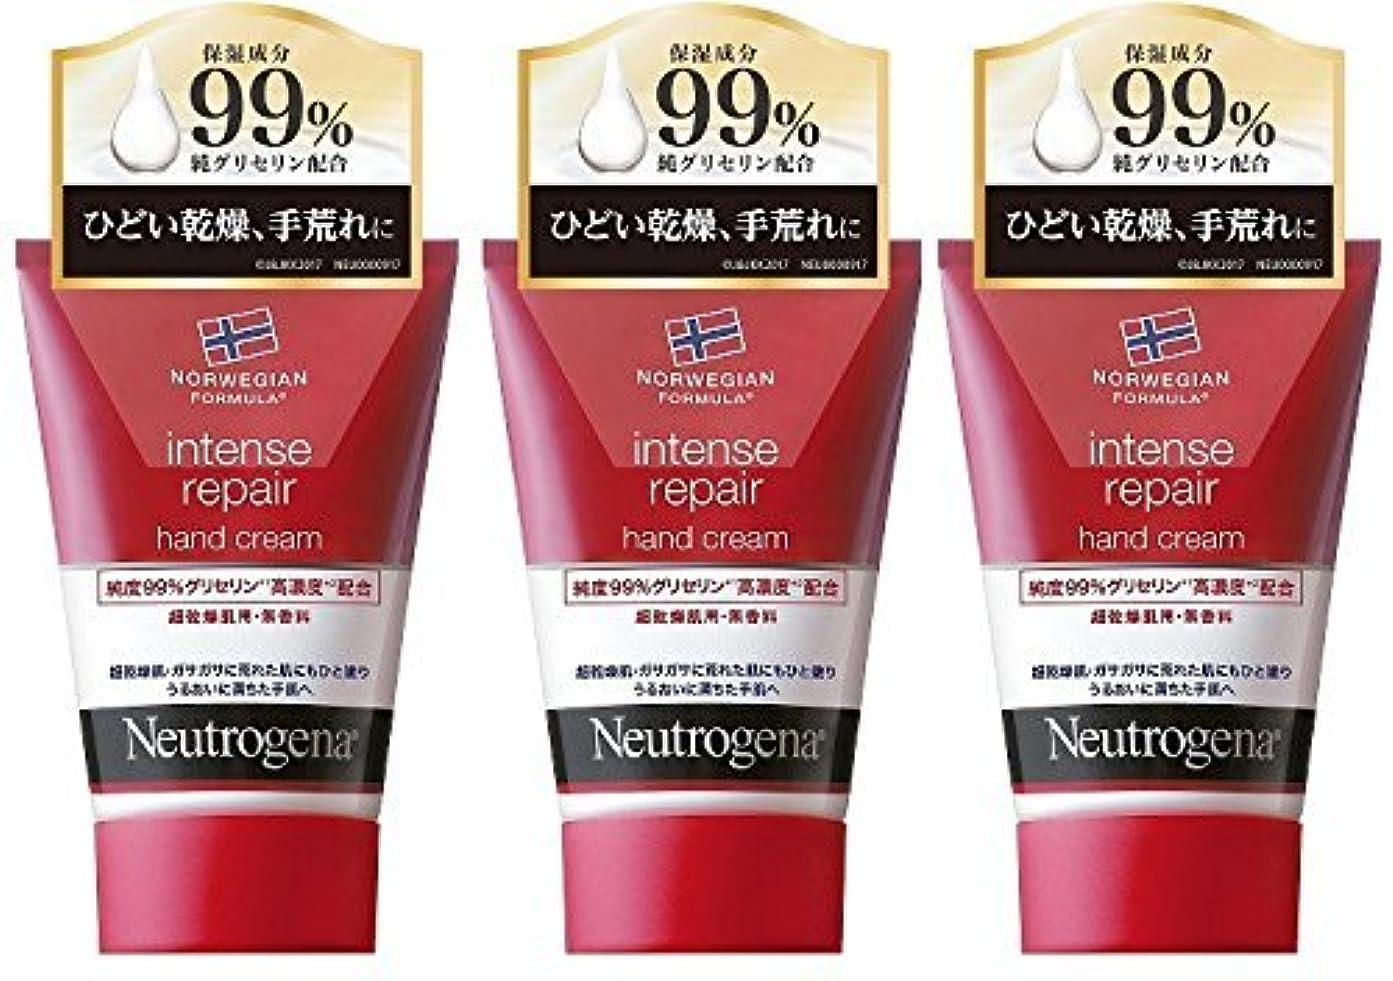 生活新着毎日【まとめ買い】Neutrogena(ニュートロジーナ) ノルウェーフォーミュラ インテンスリペア ハンドクリーム 超乾燥肌用 無香料 50g×3個